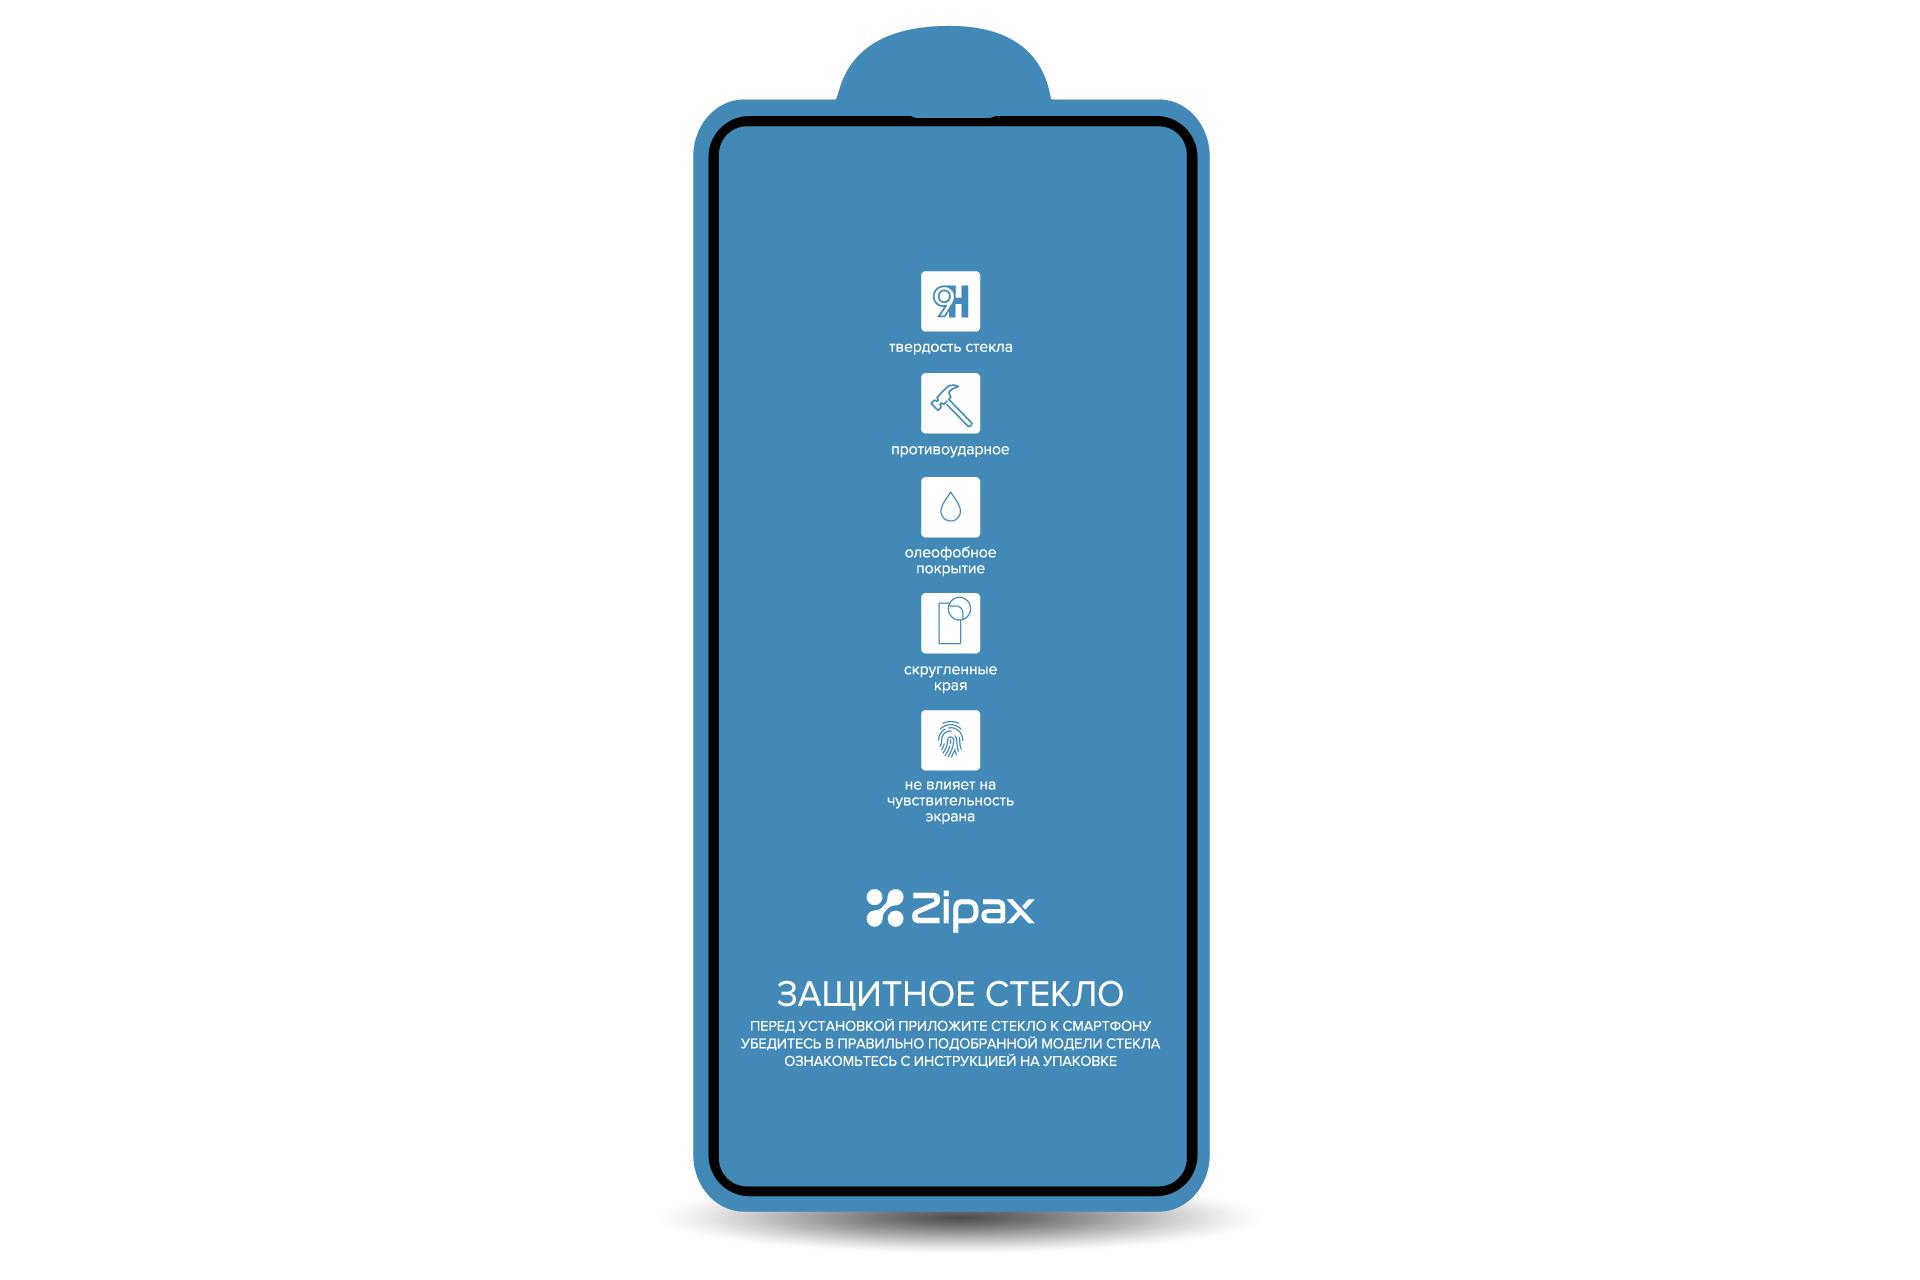 Защитное стекло Zipax 3D для Samsung Galaxy A51 / SM-A515F, полное покрытие, черное